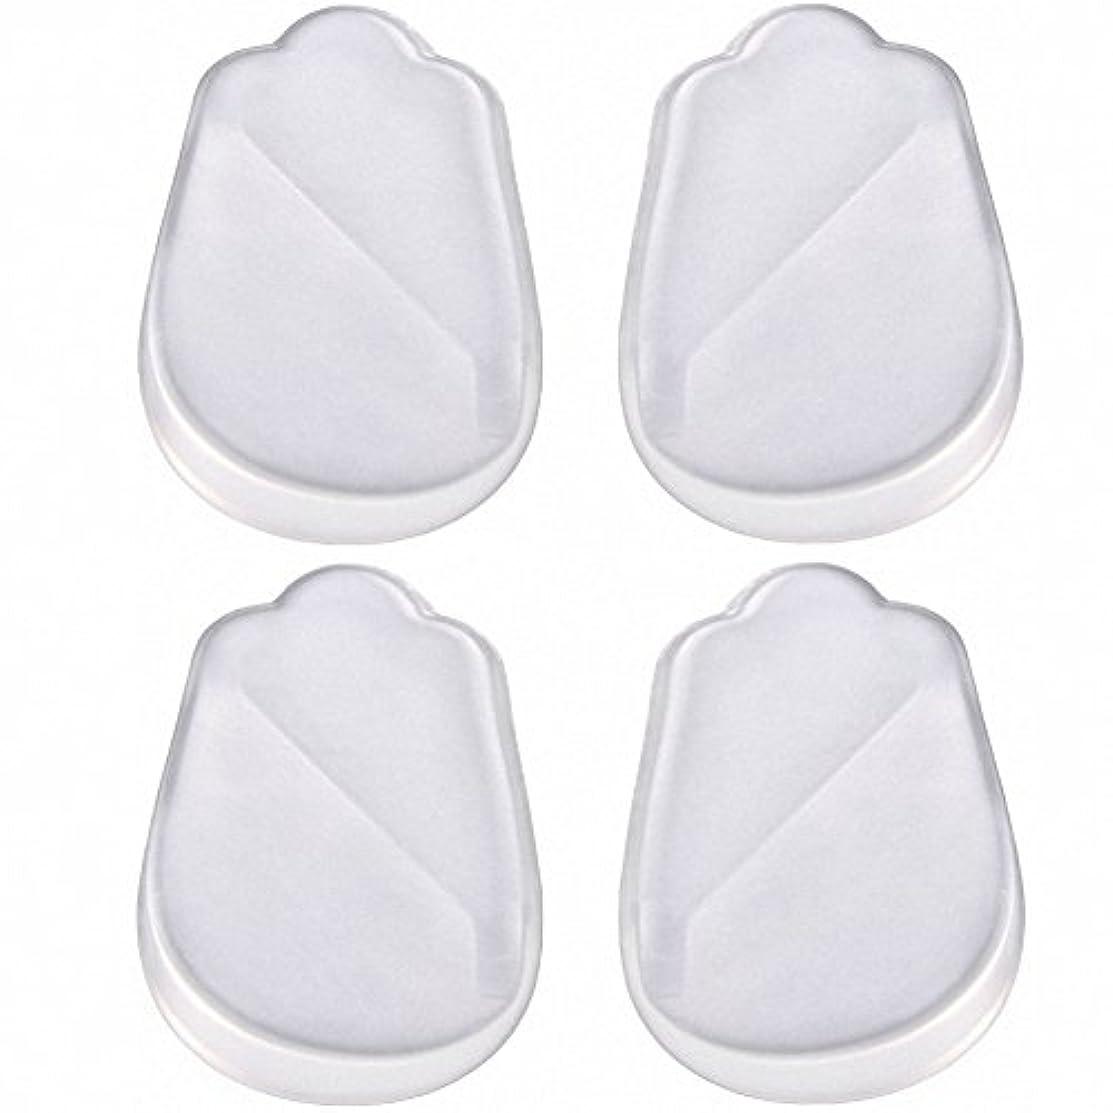 コットンリスク治すX脚 O脚 矯正用 かかと インソール 中敷き ジェル シリコン 透明 衝撃を吸収 男女兼用 靴に 入れて 履くだけ 4枚 2足分セット